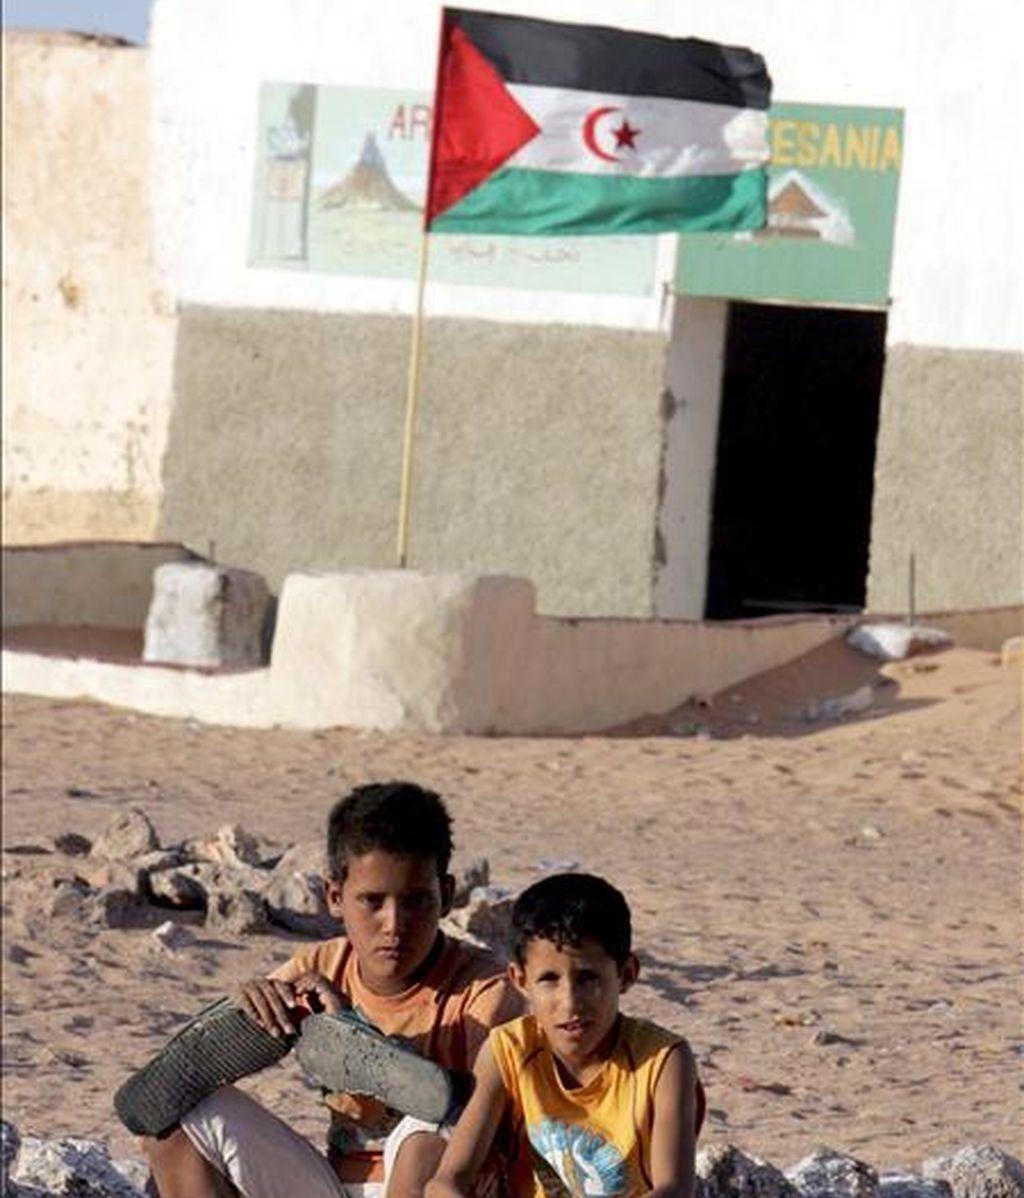 Dos niños refugiados saharauis posan cerca de una bandera de la República Democrática Árabe del Sáhara al suroeste del desierto de Argelia. EFE/Archivo